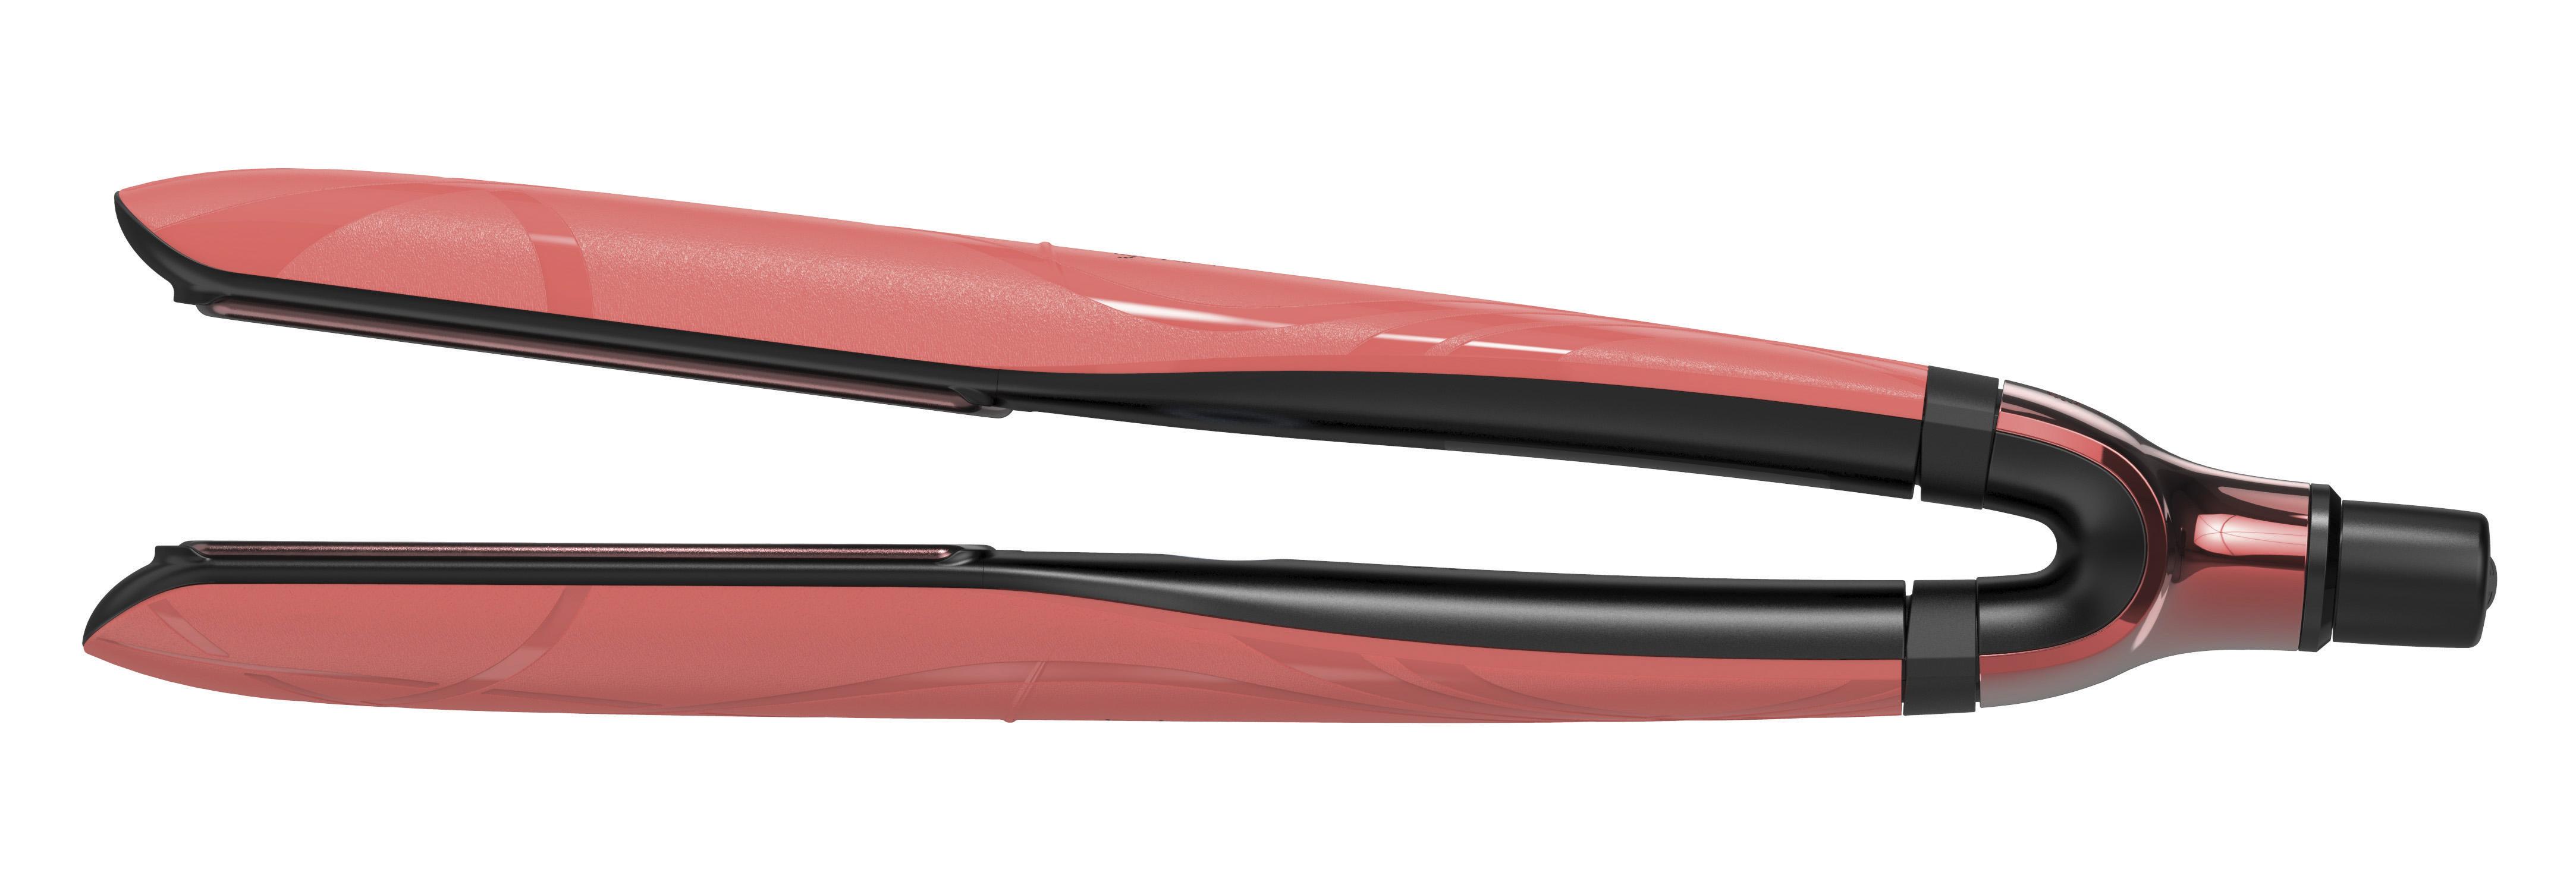 ghd pink blush platinum styler_RRP $370